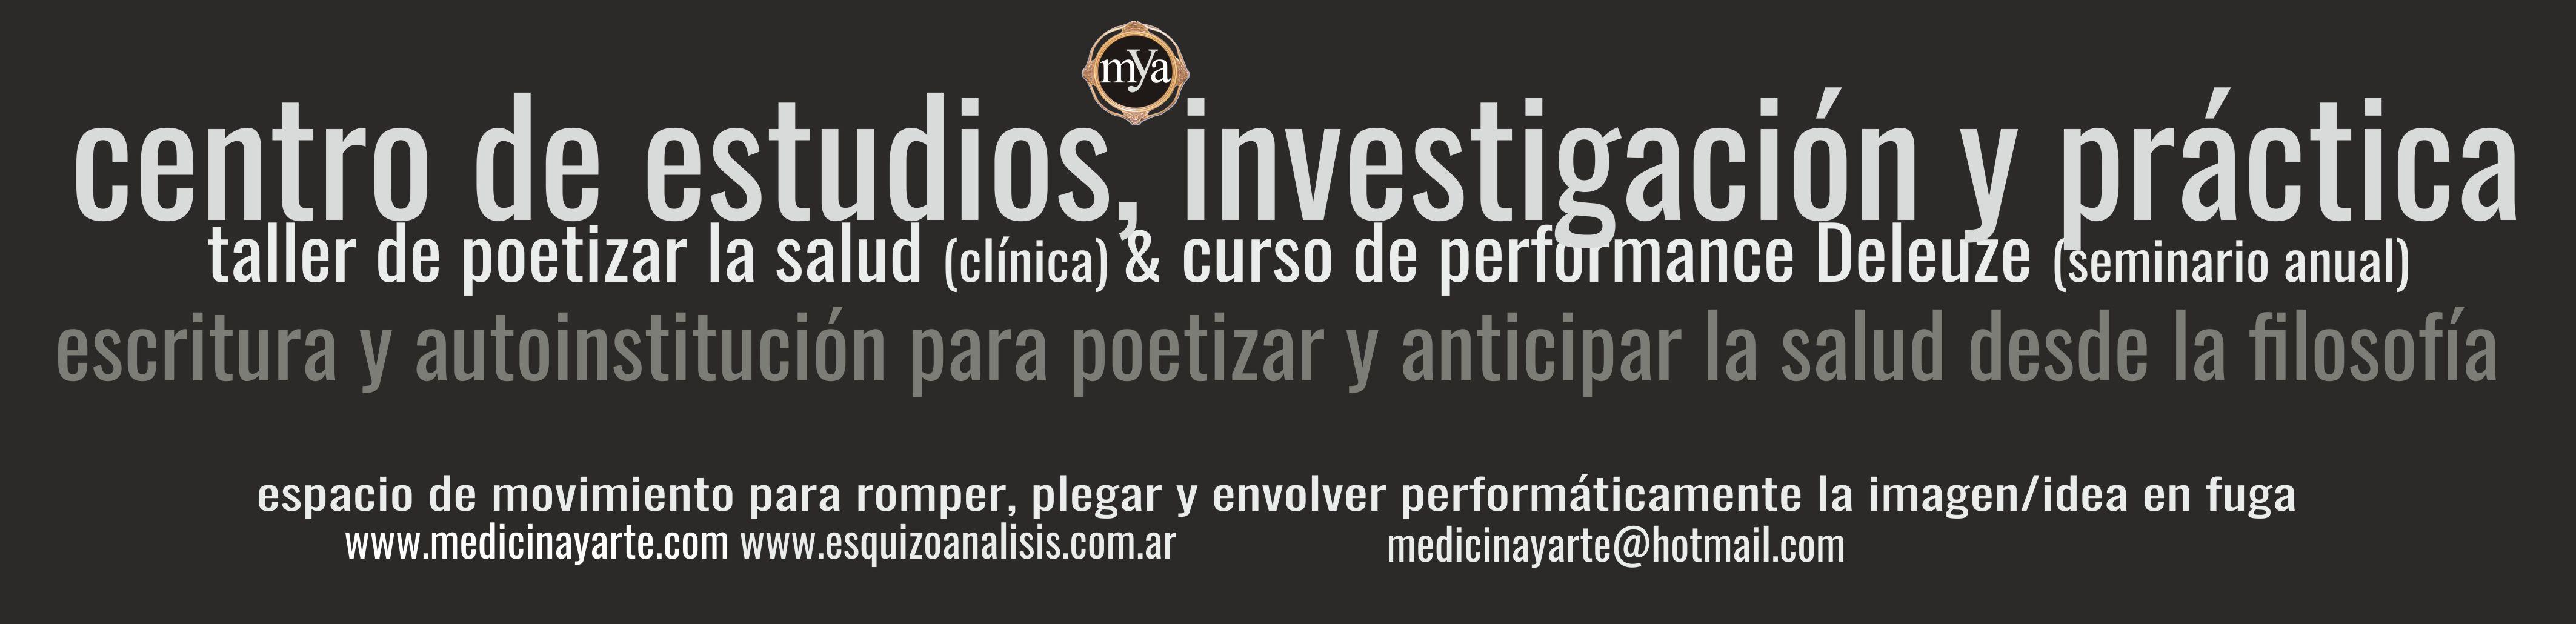 http://www.medicinayarte.com/img/centro%20de%20estudios%20e%20investigacion_mya.jpg